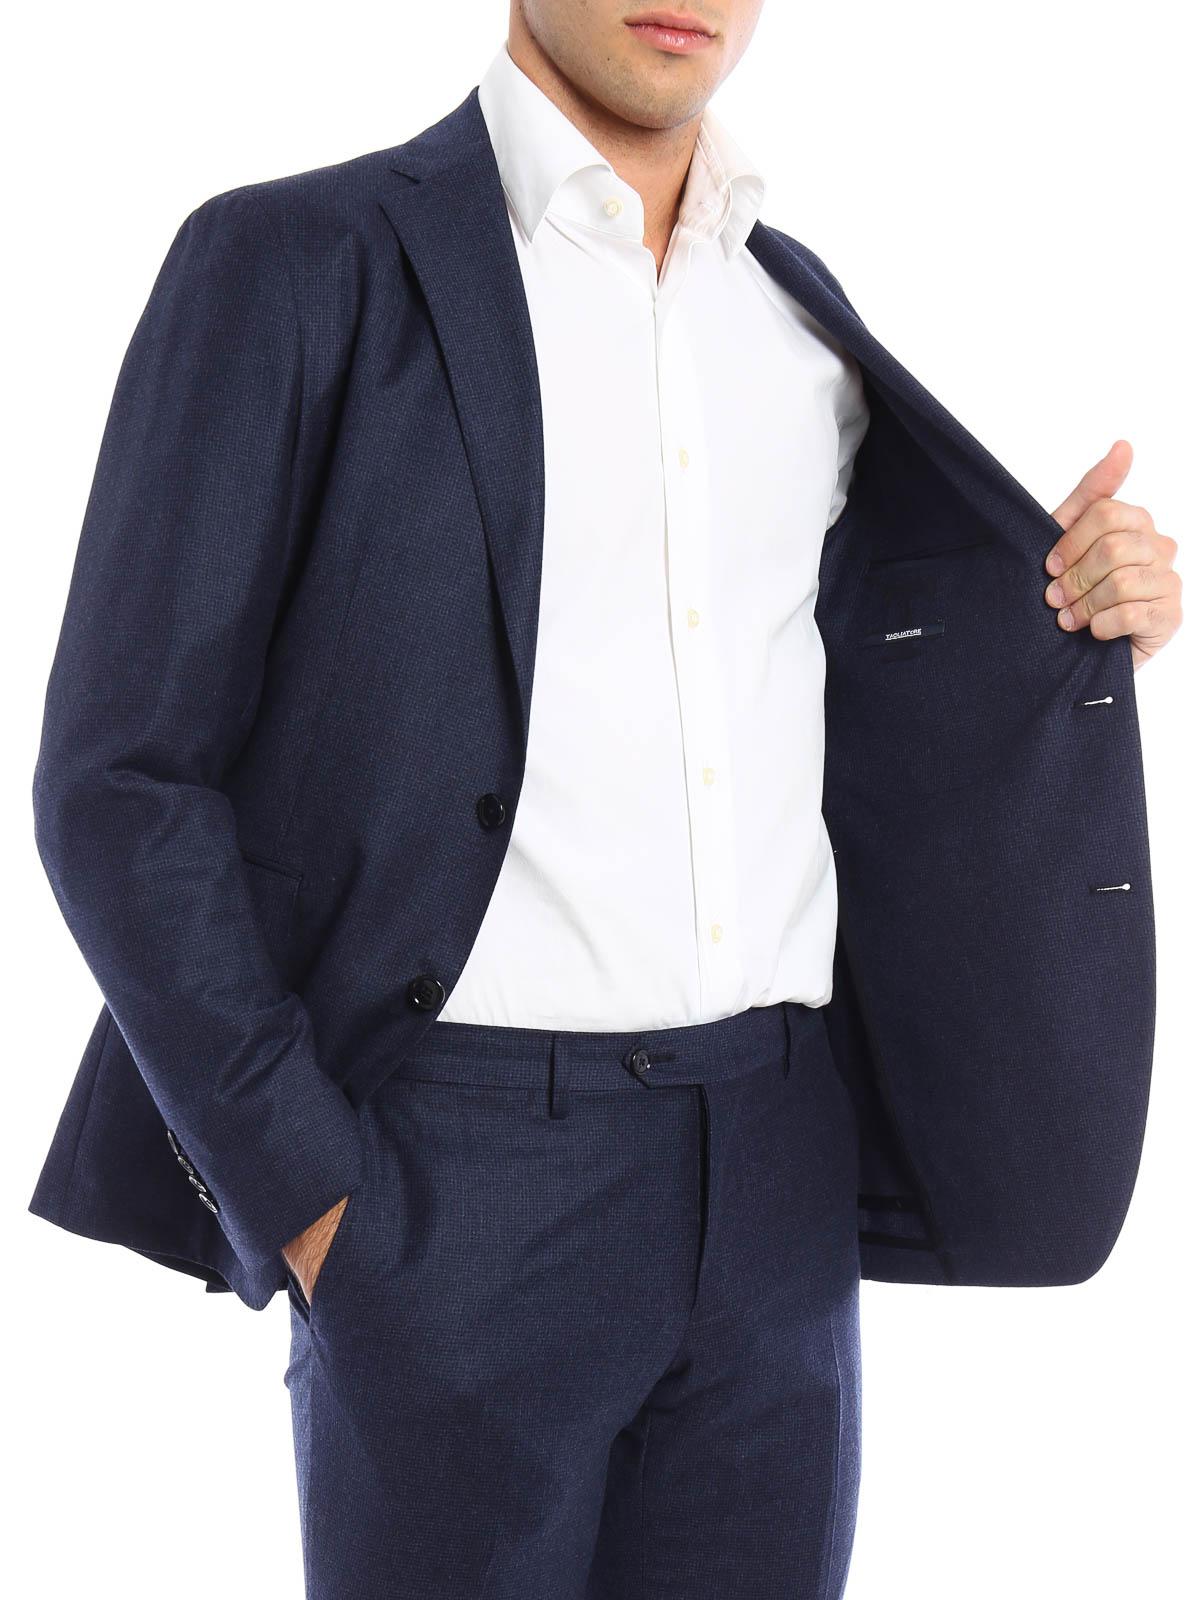 eleganter anzug fur herren blau von tagliatore elegante anz ge ikrix. Black Bedroom Furniture Sets. Home Design Ideas